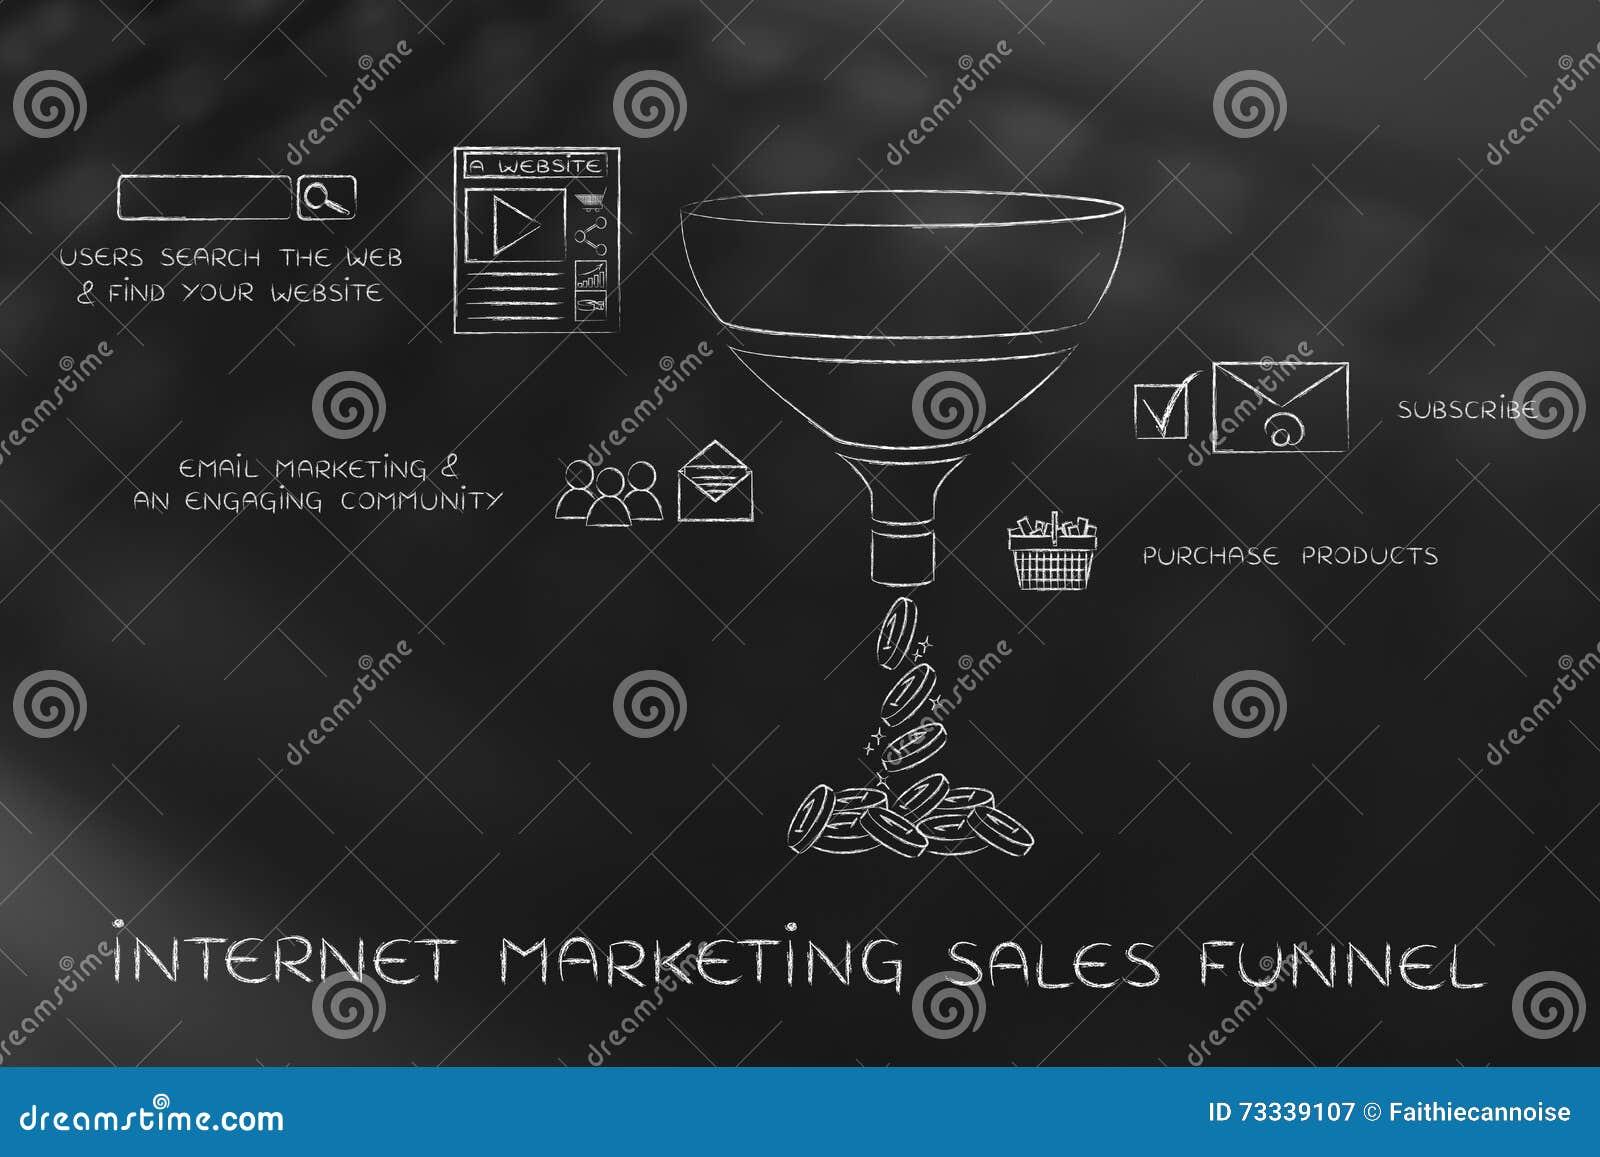 Tratt för internetmarknadsföringsförsäljningar för e-affärer, med överskrifter